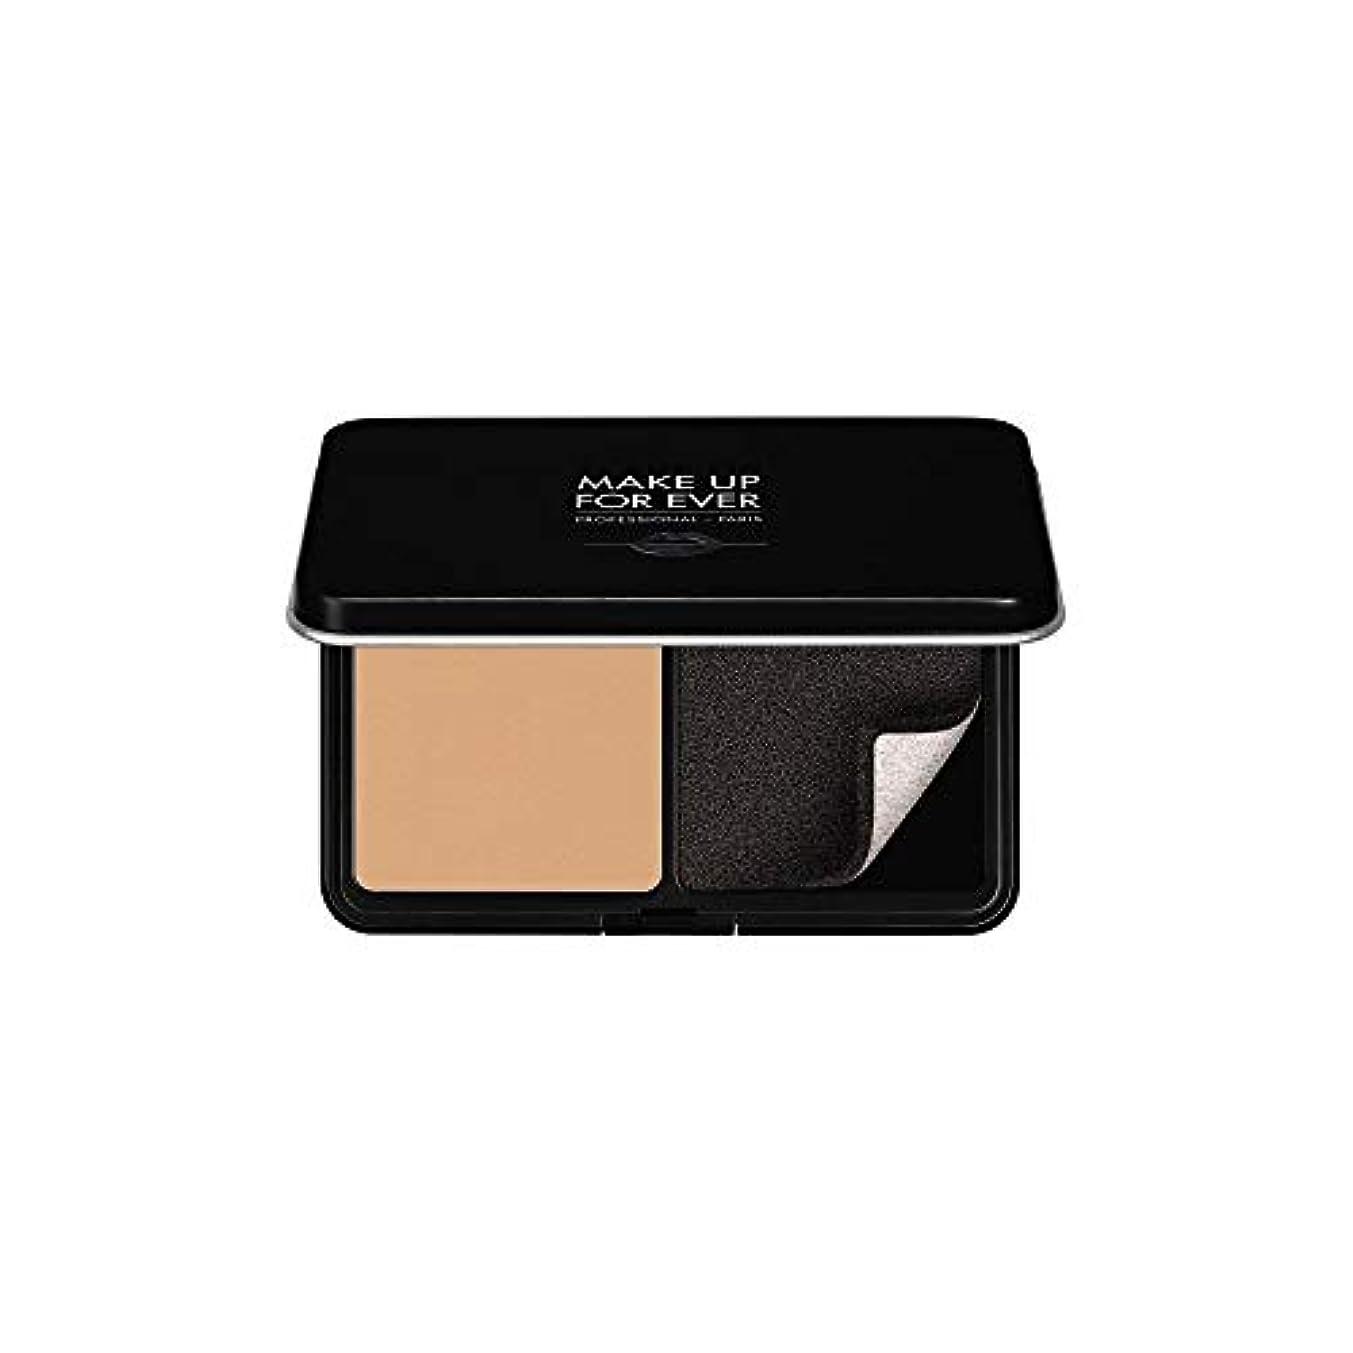 メイクアップフォーエバー Matte Velvet Skin Blurring Powder Foundation - # Y305 (Soft Beige) 11g/0.38oz並行輸入品